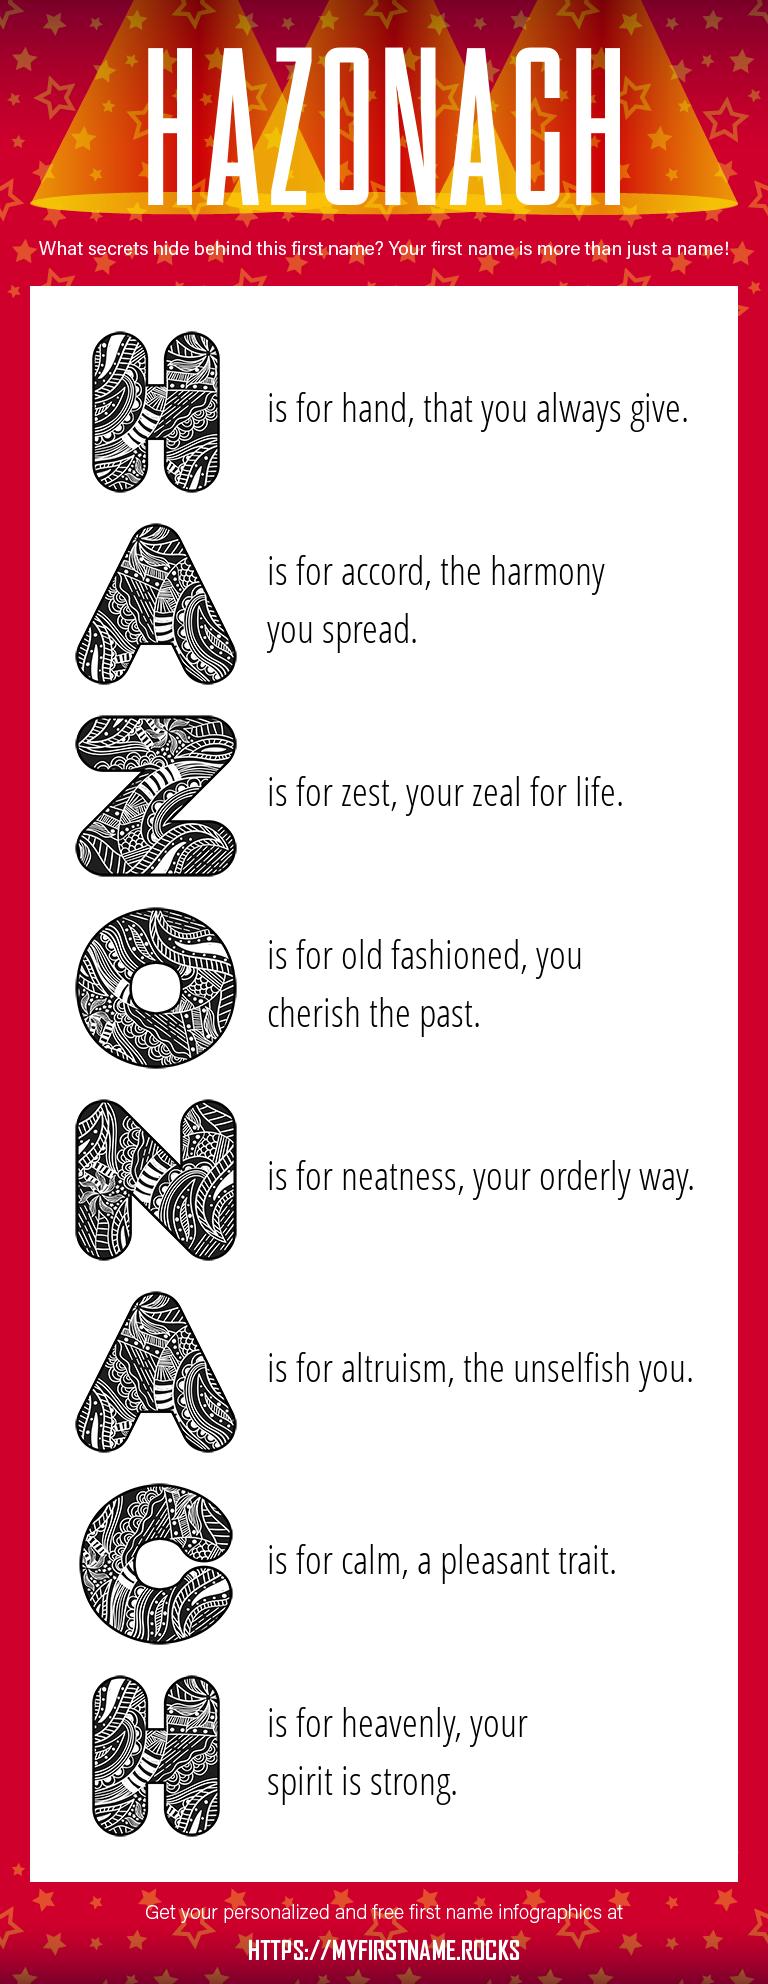 Hazonach Infographics